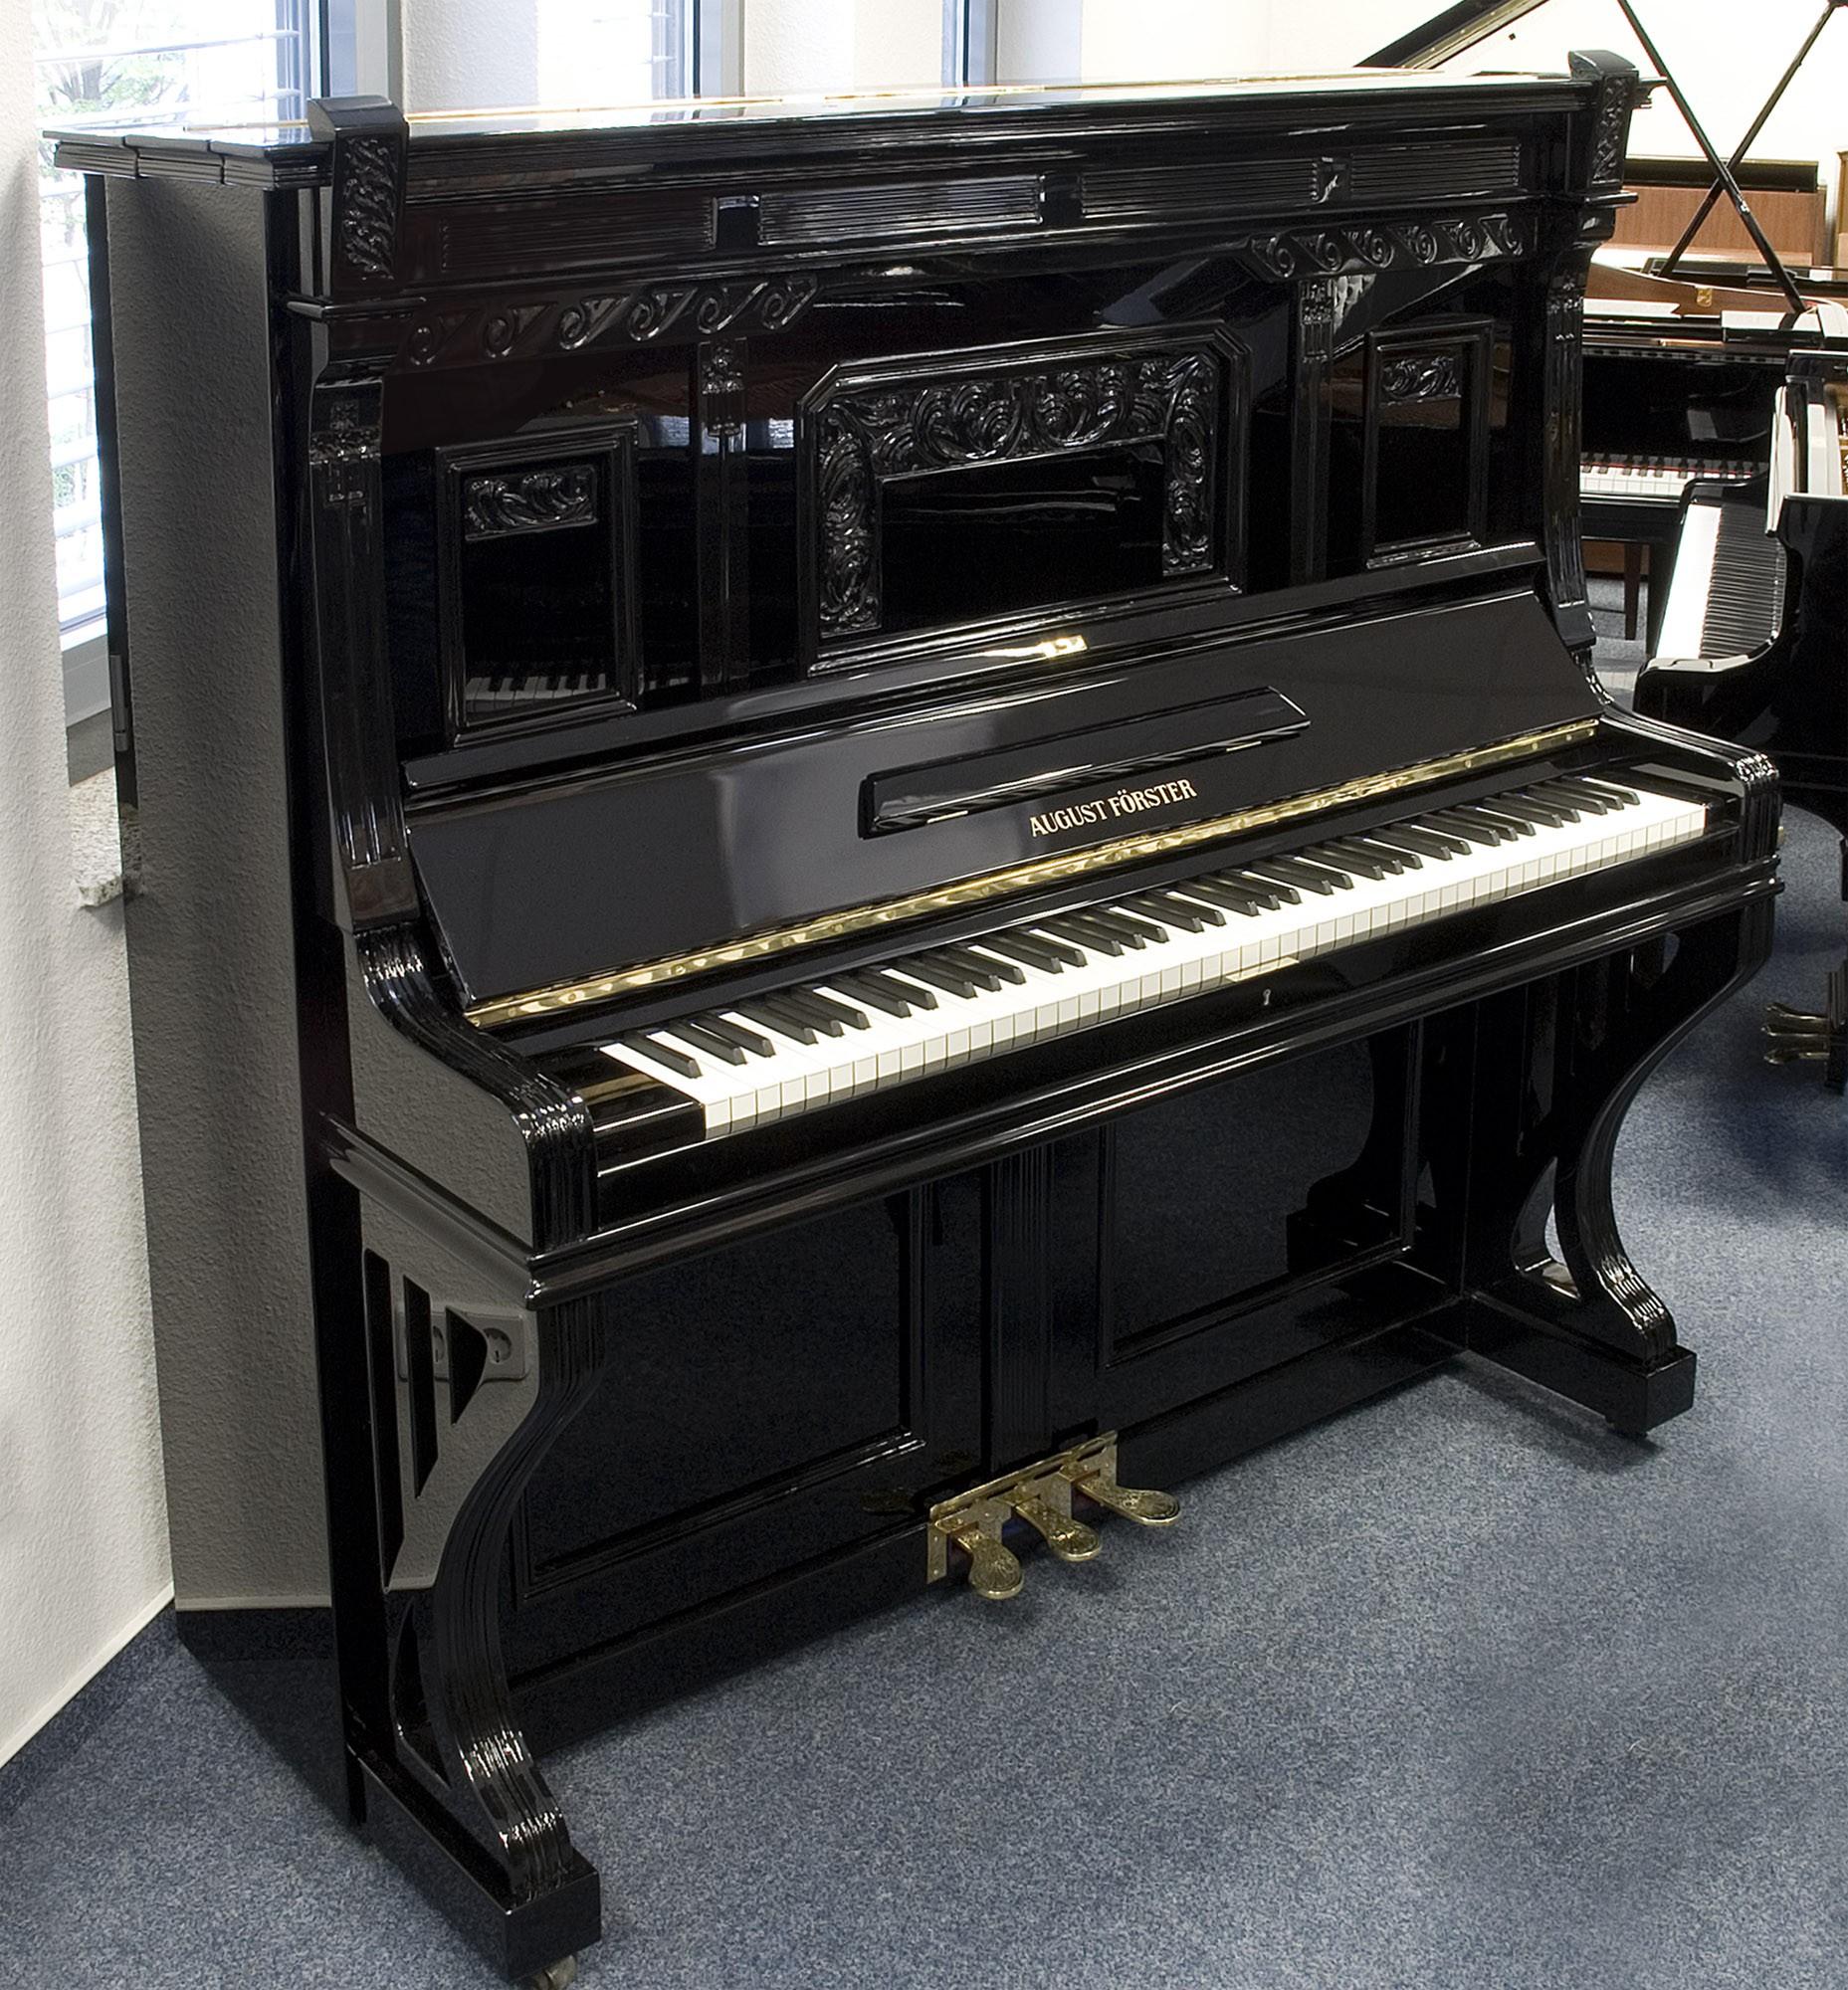 August Förster Klavier 149 cm wie ein kleiner Flügel